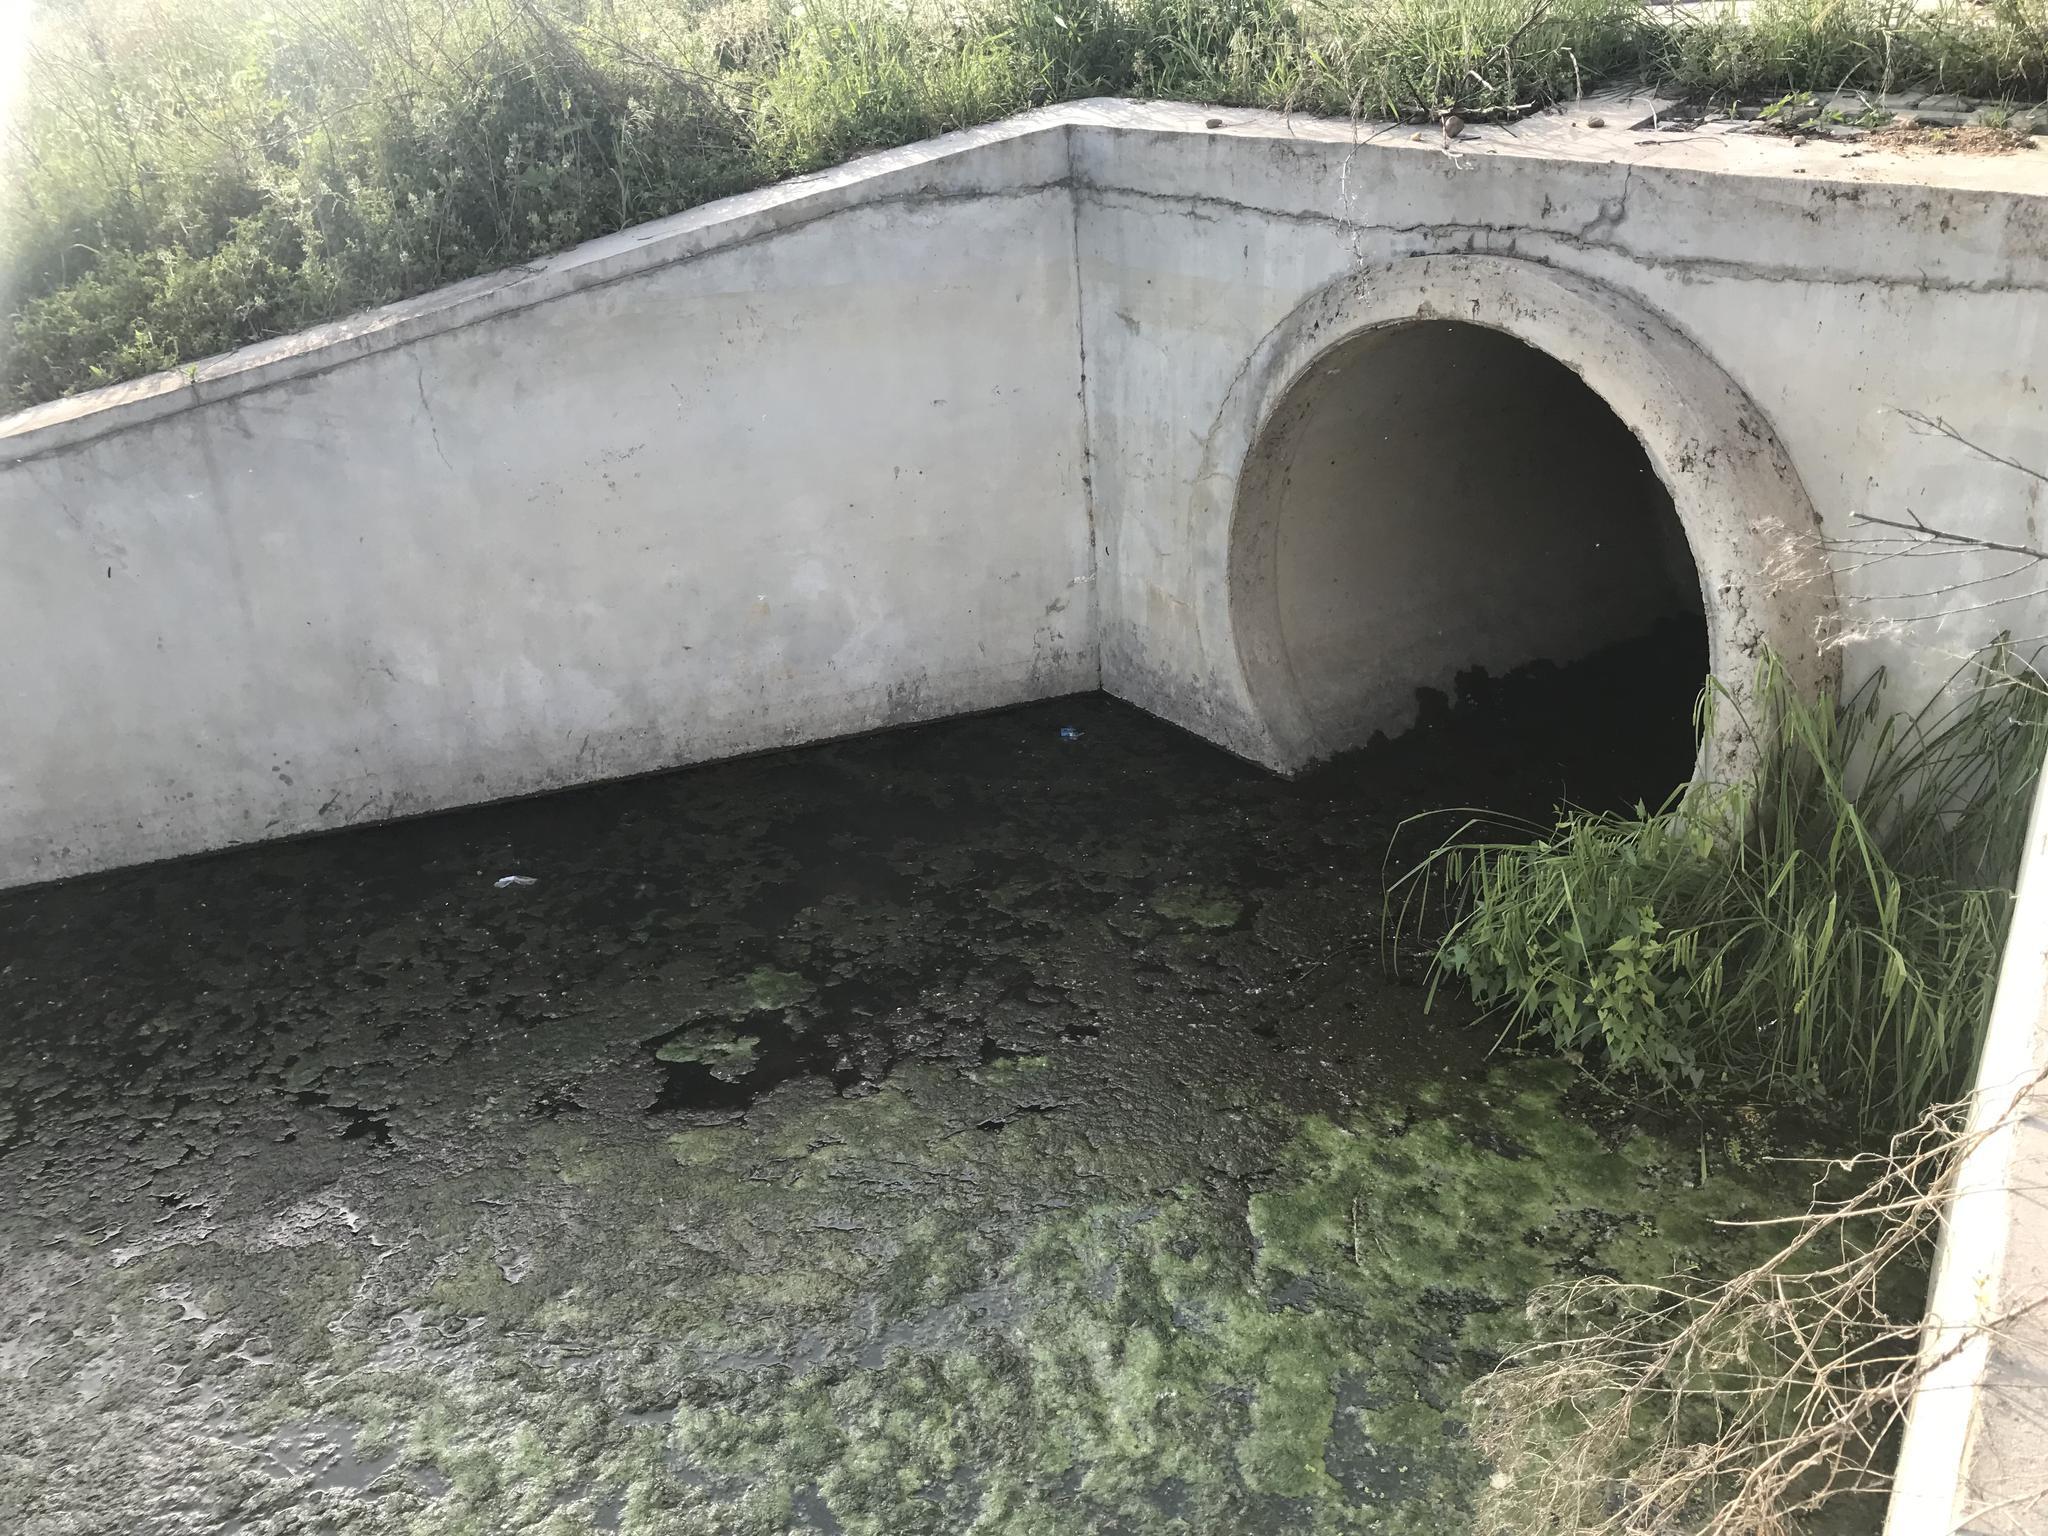 位于随州欢乐世界府河对岸的一处生活污水直排管道,生活污水在这里未经处理就直接流入府河。陈耳生 摄